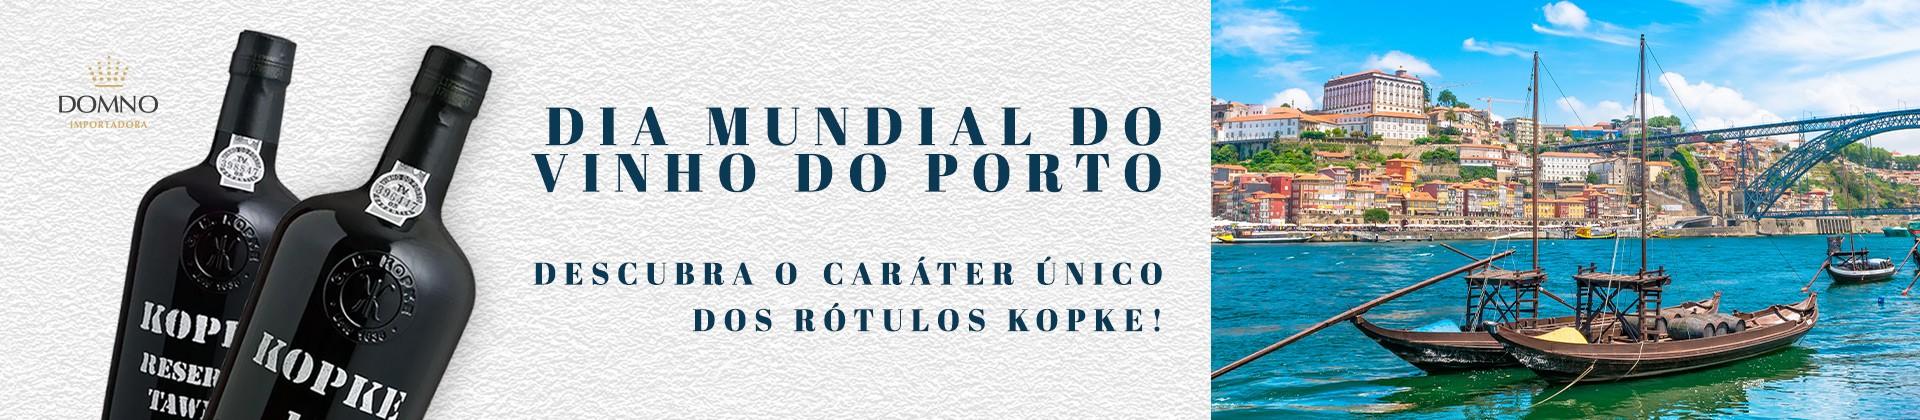 Dia do Vinho do Porto (1920x420)